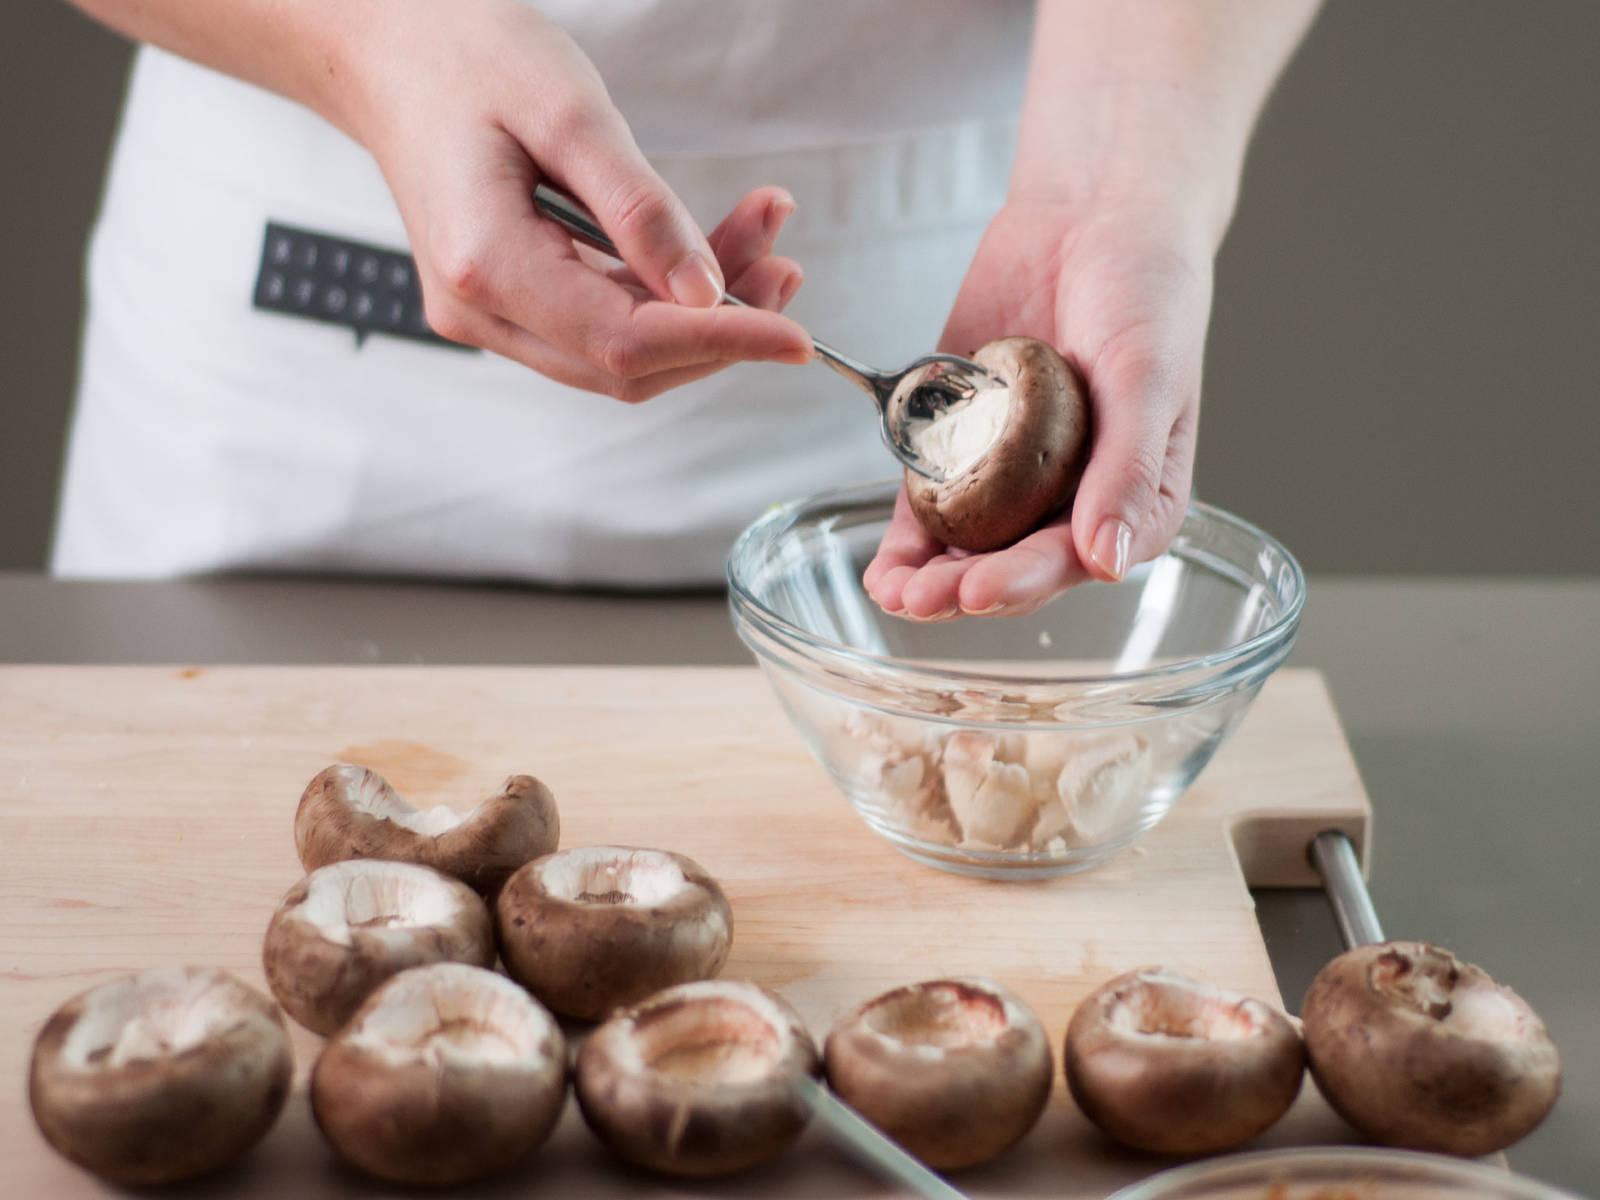 轻轻去掉口蘑蒂。用勺子掏空口蘑,以便填入馅料。